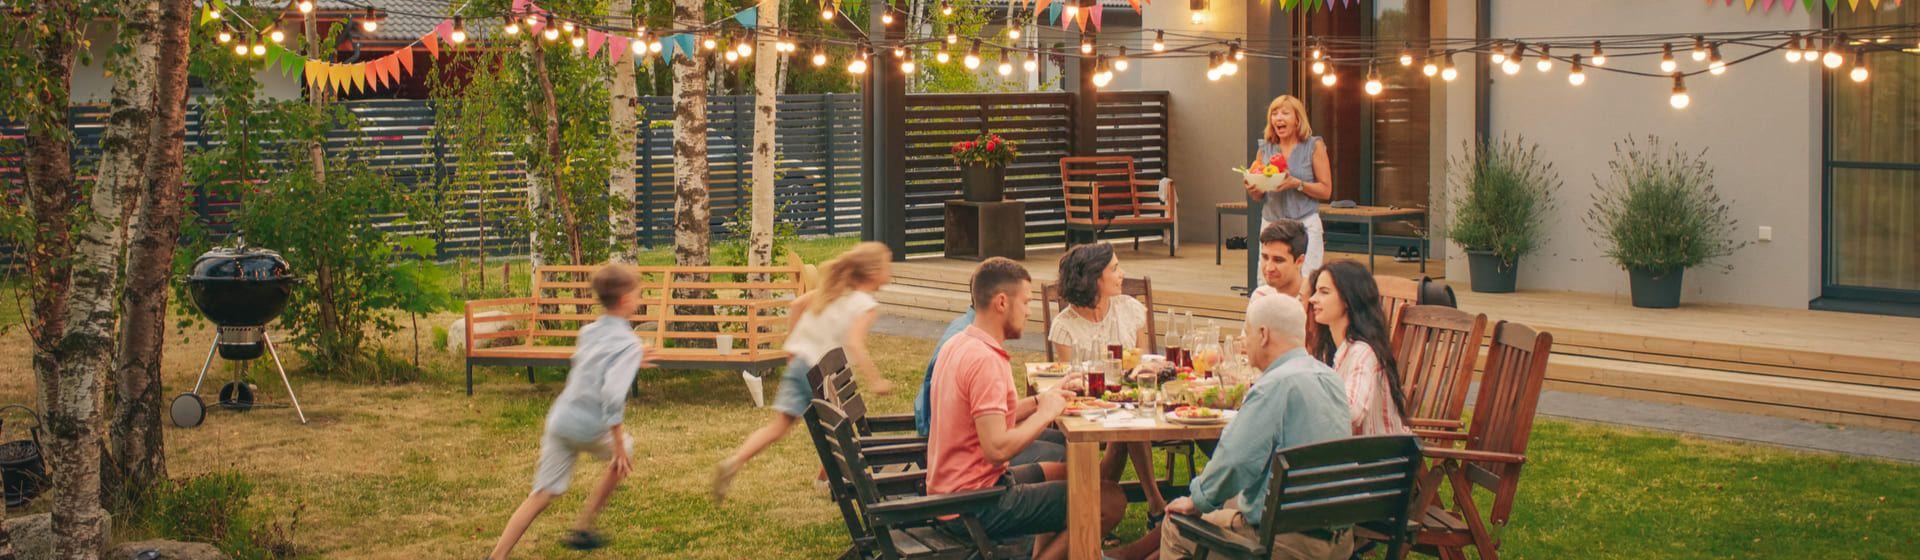 5 matches de produtos para fazer uma festa em casa